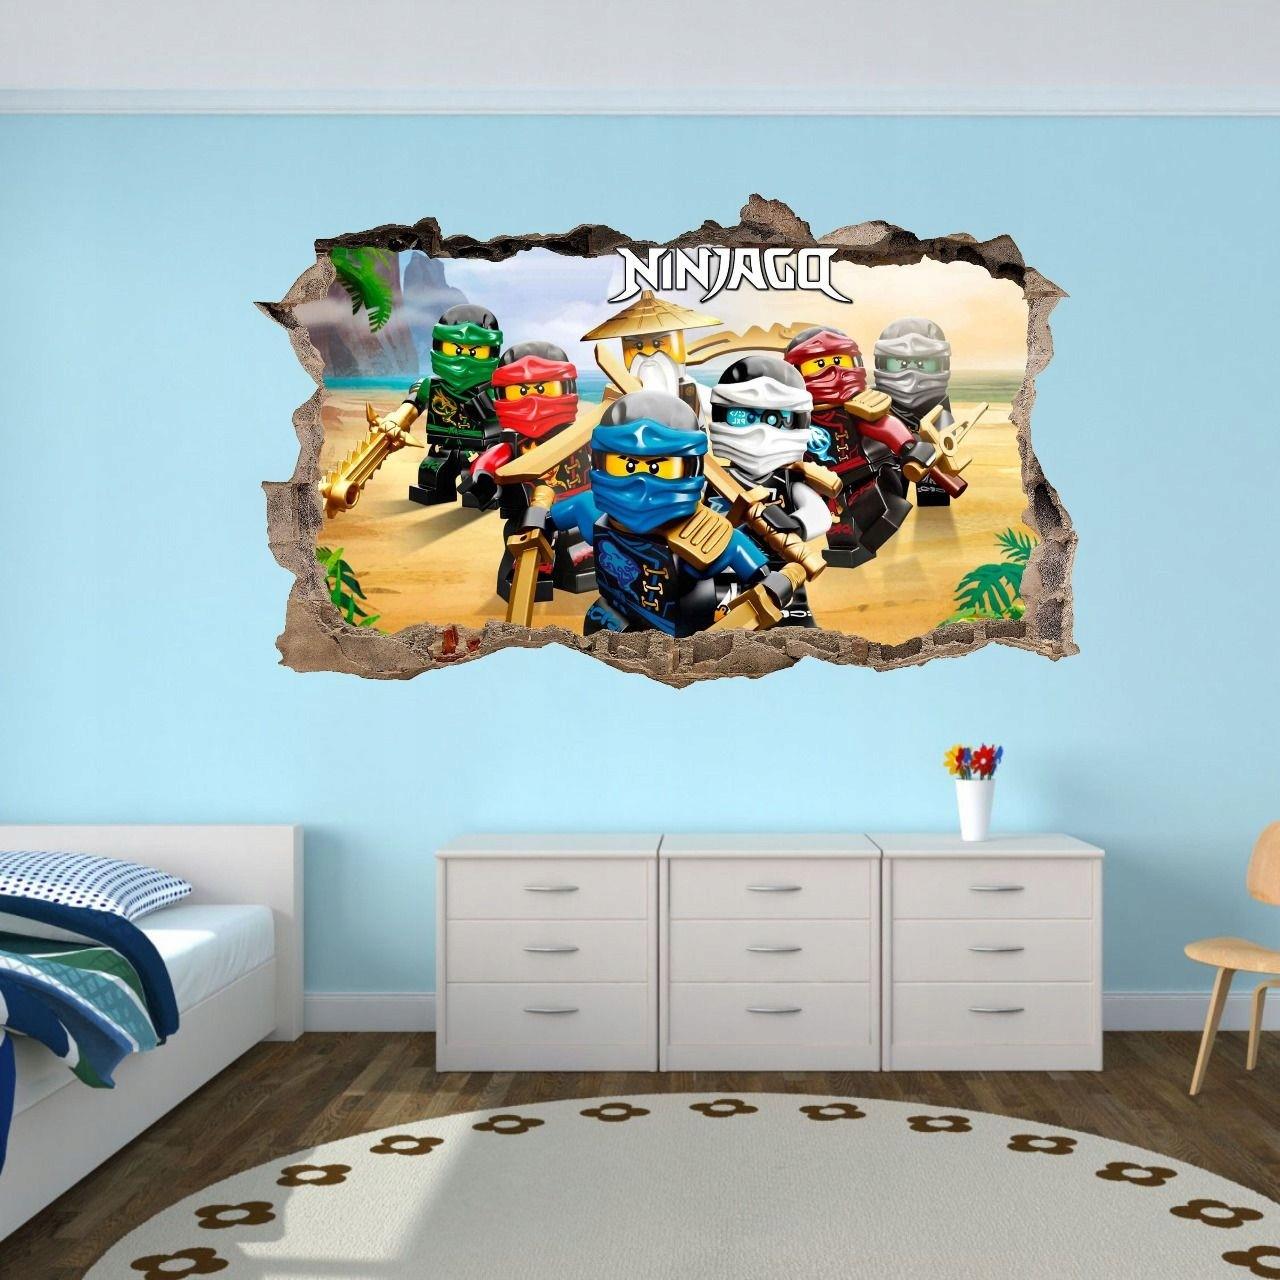 DomTextilu DomTextilu 3D nálepka na stenu NINJA GO 42076-217781